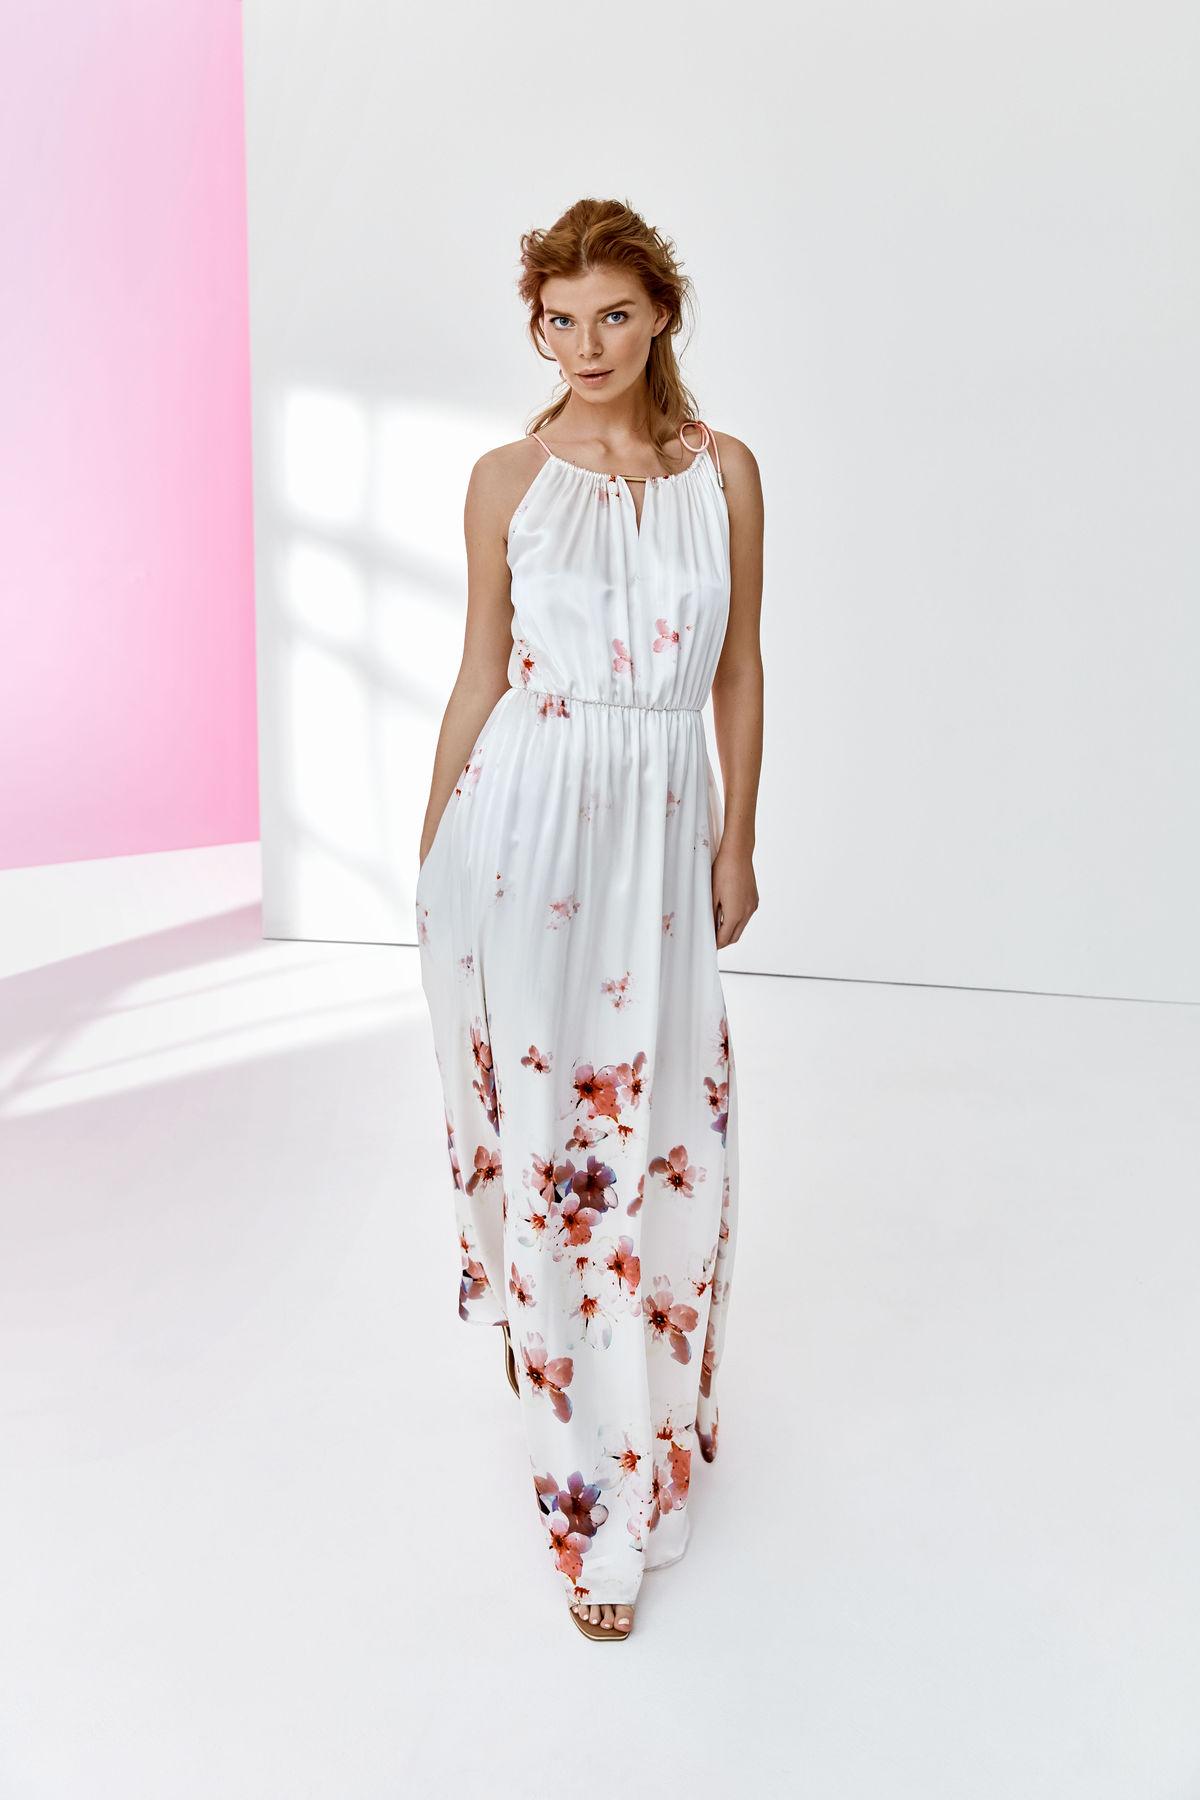 729d77424 Dlhé šaty so vzorom sú na letnú sezónu ako stvorené - model na snímke  Pietro Filipi ...